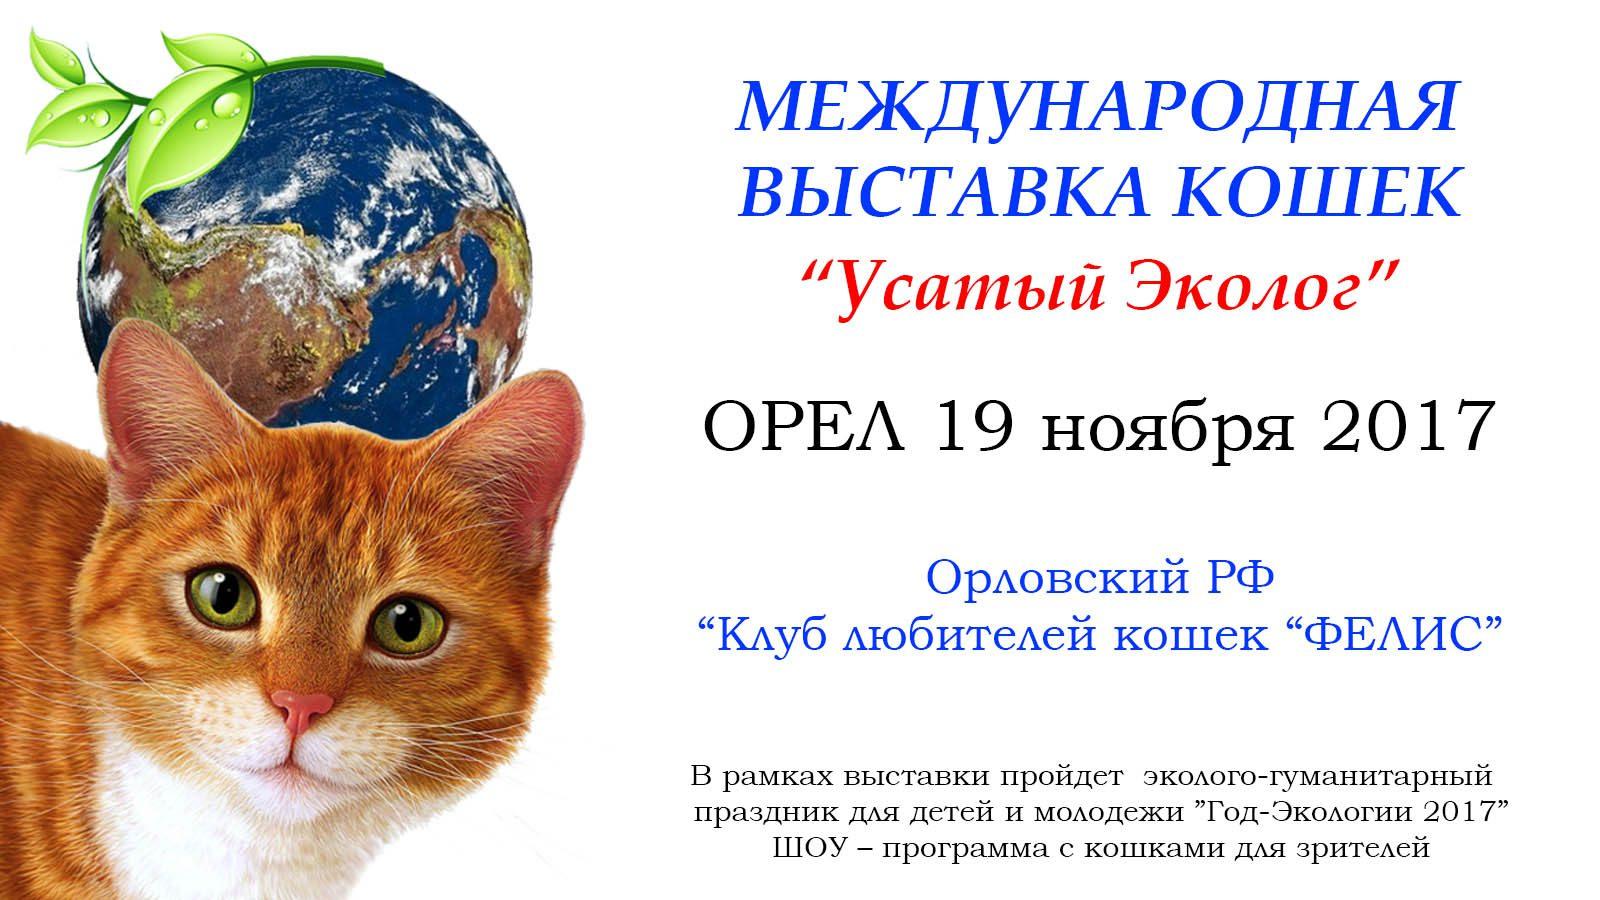 официальный сайт киевского национального университета им шевченко